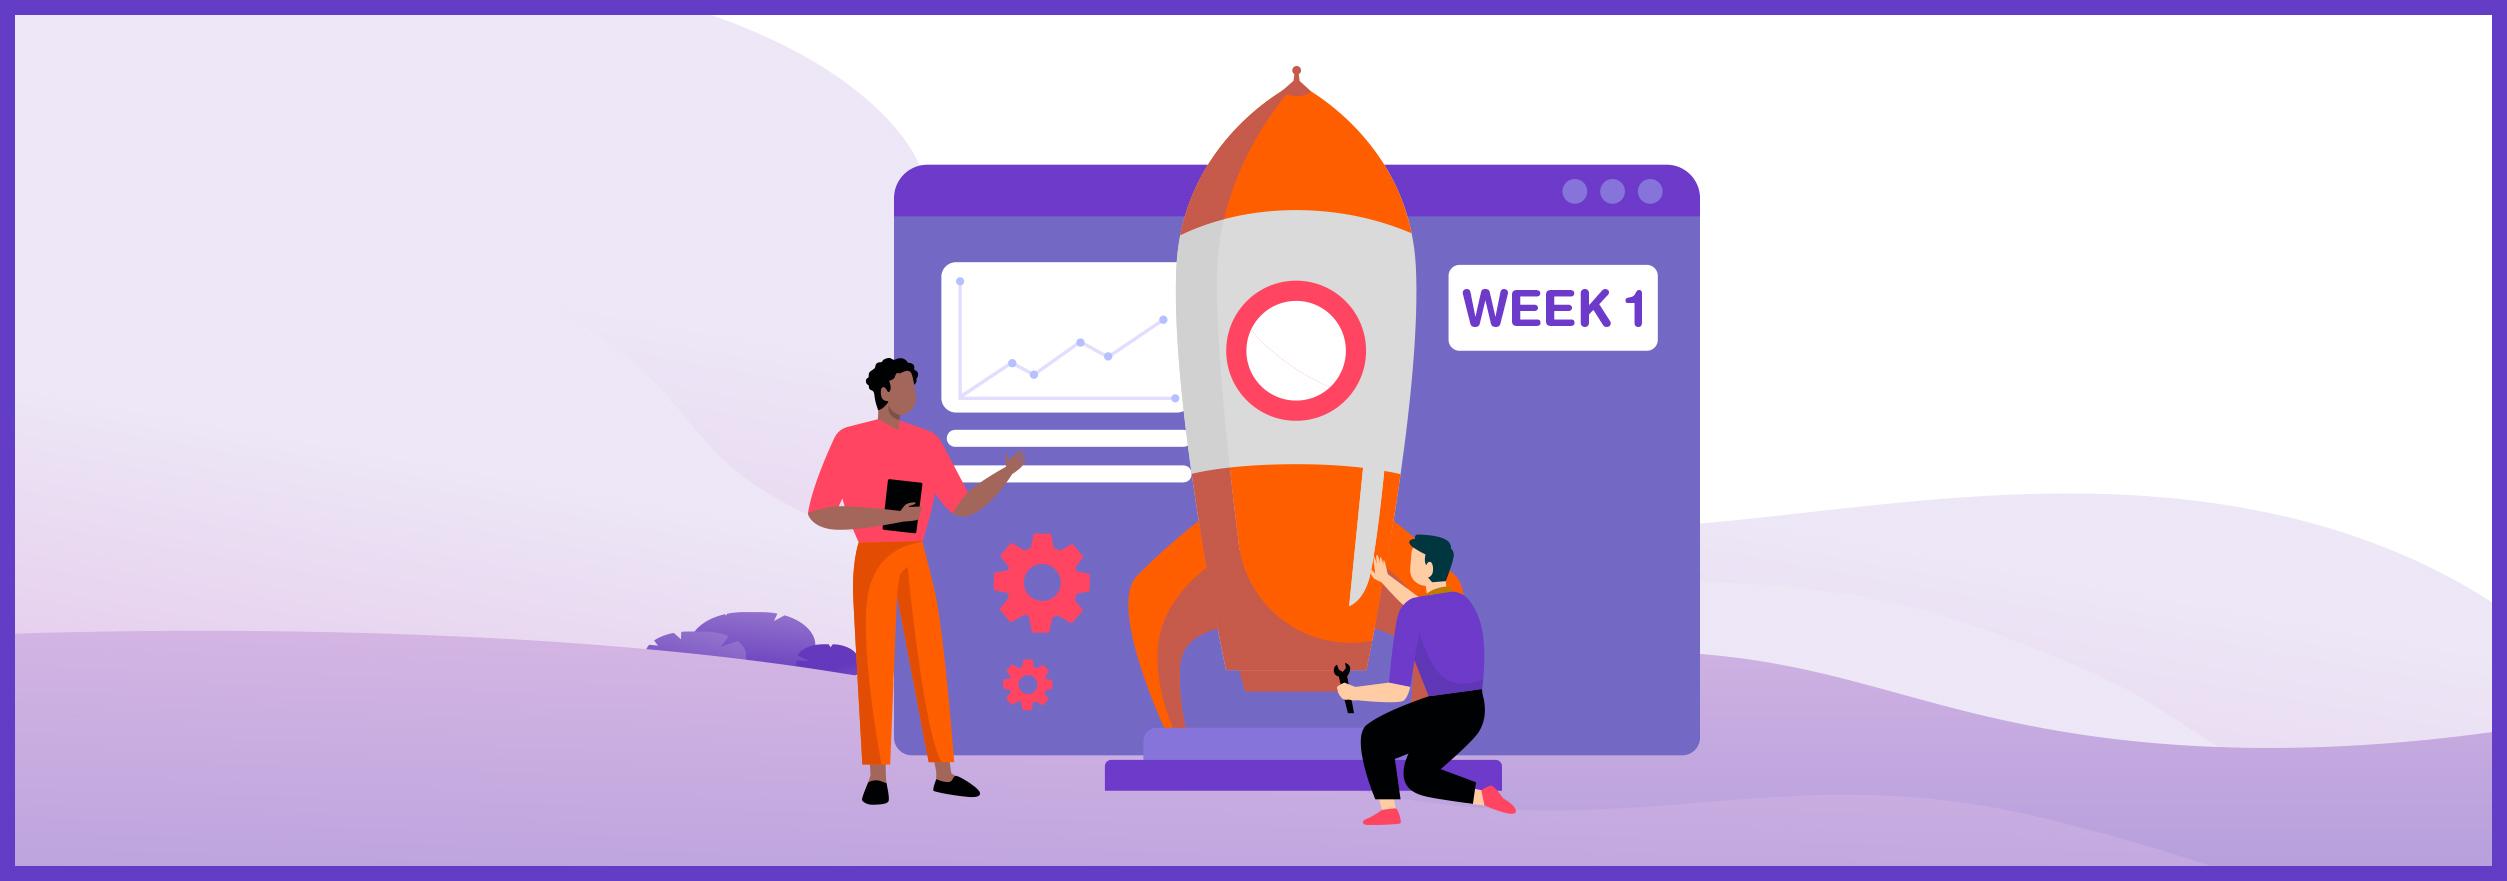 Marketing Plan Execution – Week 4: Marketing Performance